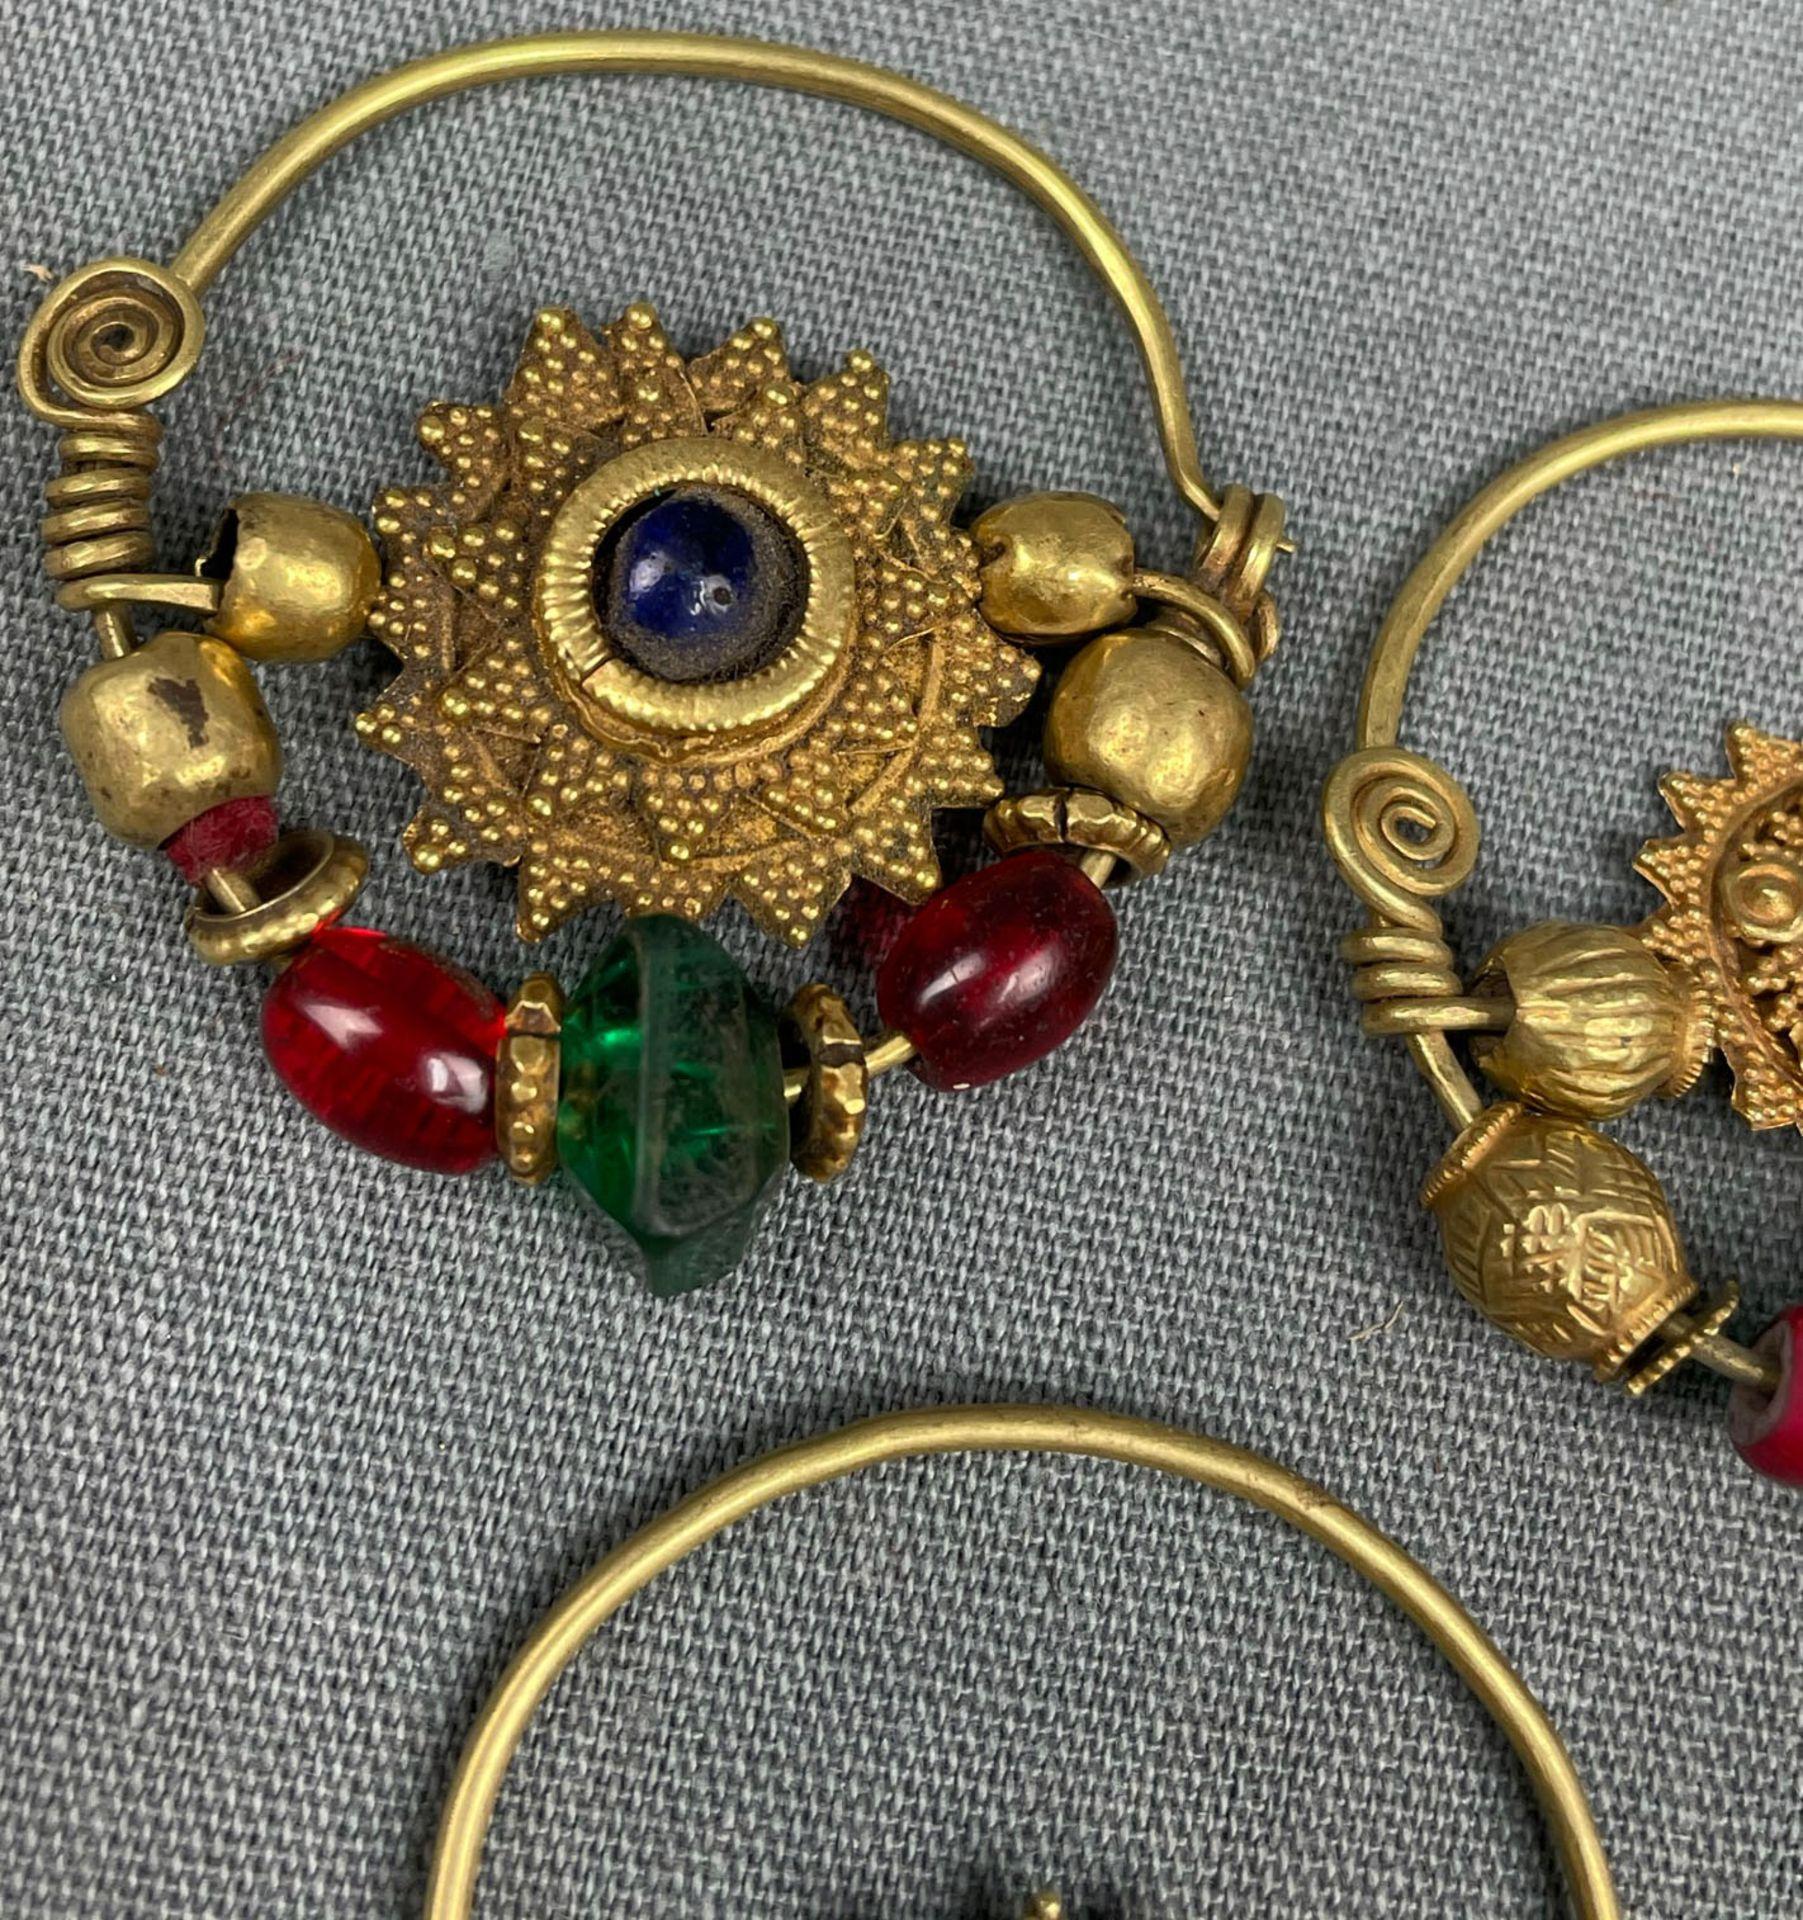 3 Anhänger, Ohrschmuck? Wohl Mogul Indien antik. Gold. - Image 8 of 10